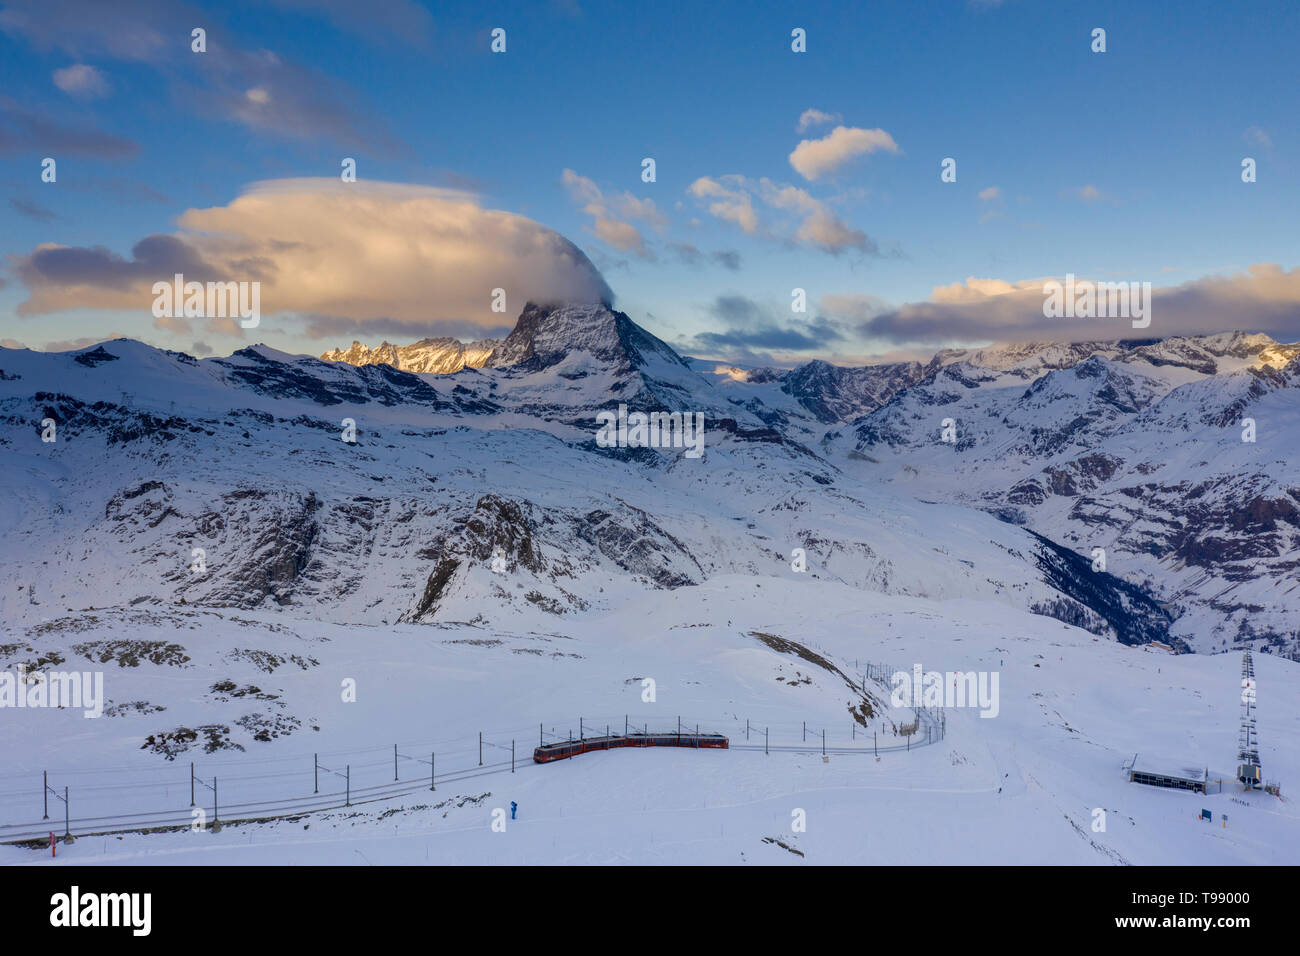 Sur le chemin de fer du Gornergrat Matterhorn, Zermatt, Suisse Banque D'Images